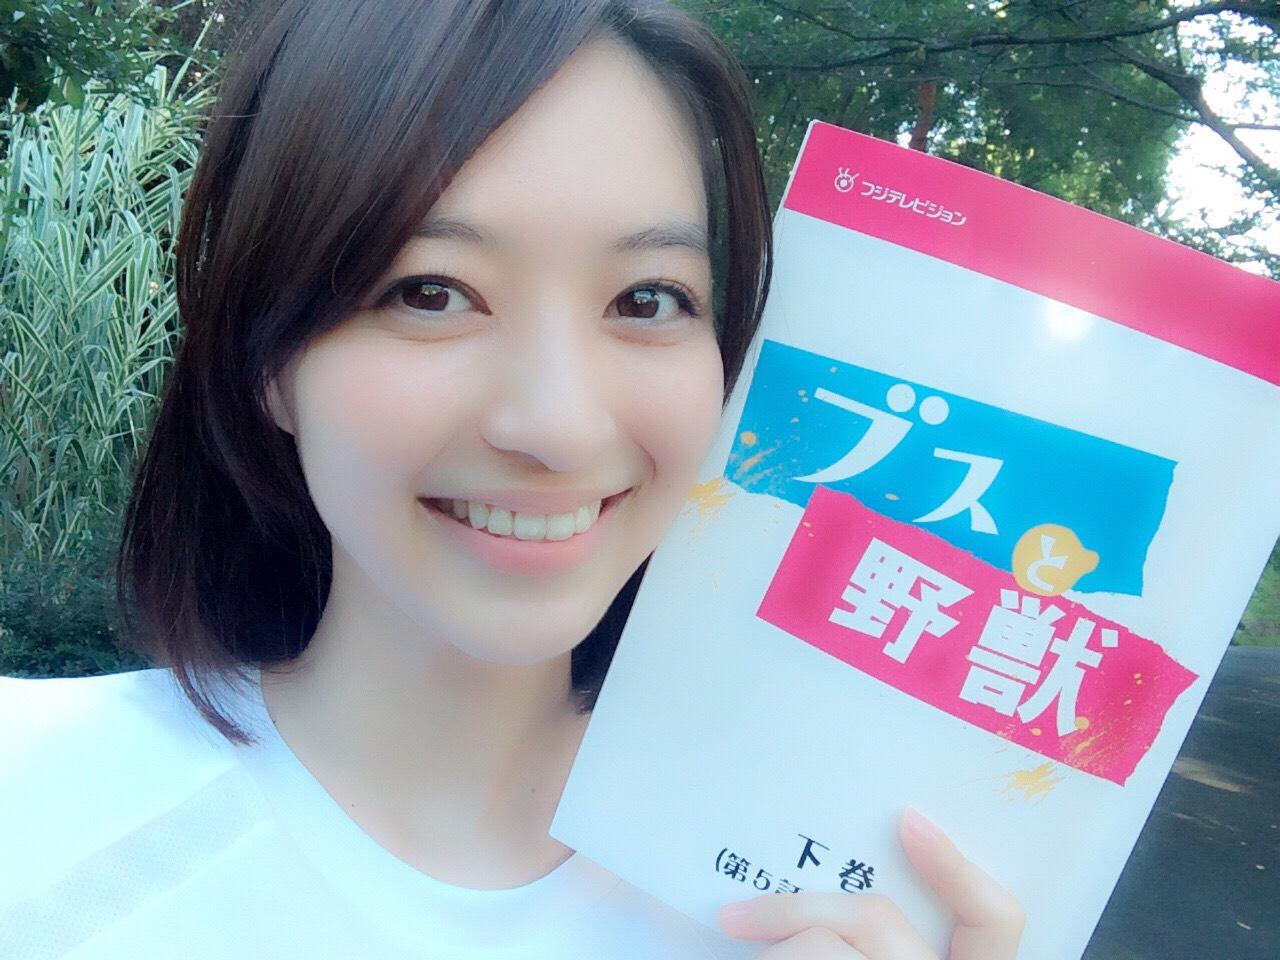 【テレビ出演情報】逢沢りなちゃん、いよいよドラマ後半戦突入です!!!_1